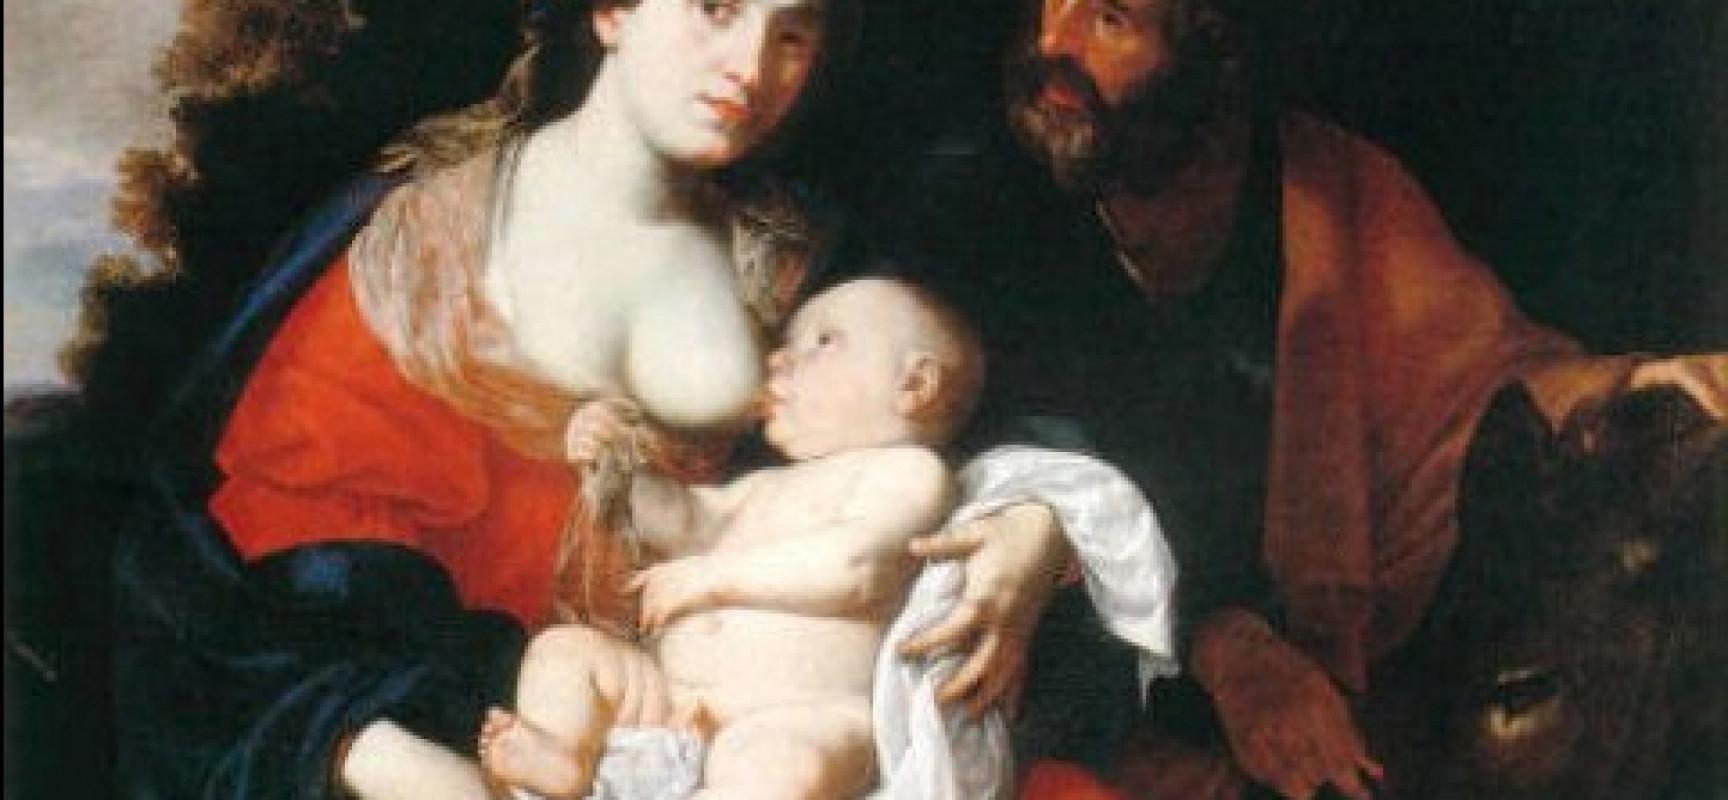 Filippo Vitale, Riposo durante la fuga in Egitto - olio su tela  - Potenza, Collezione Camillo d'Errico di Palazzo San Ge~1